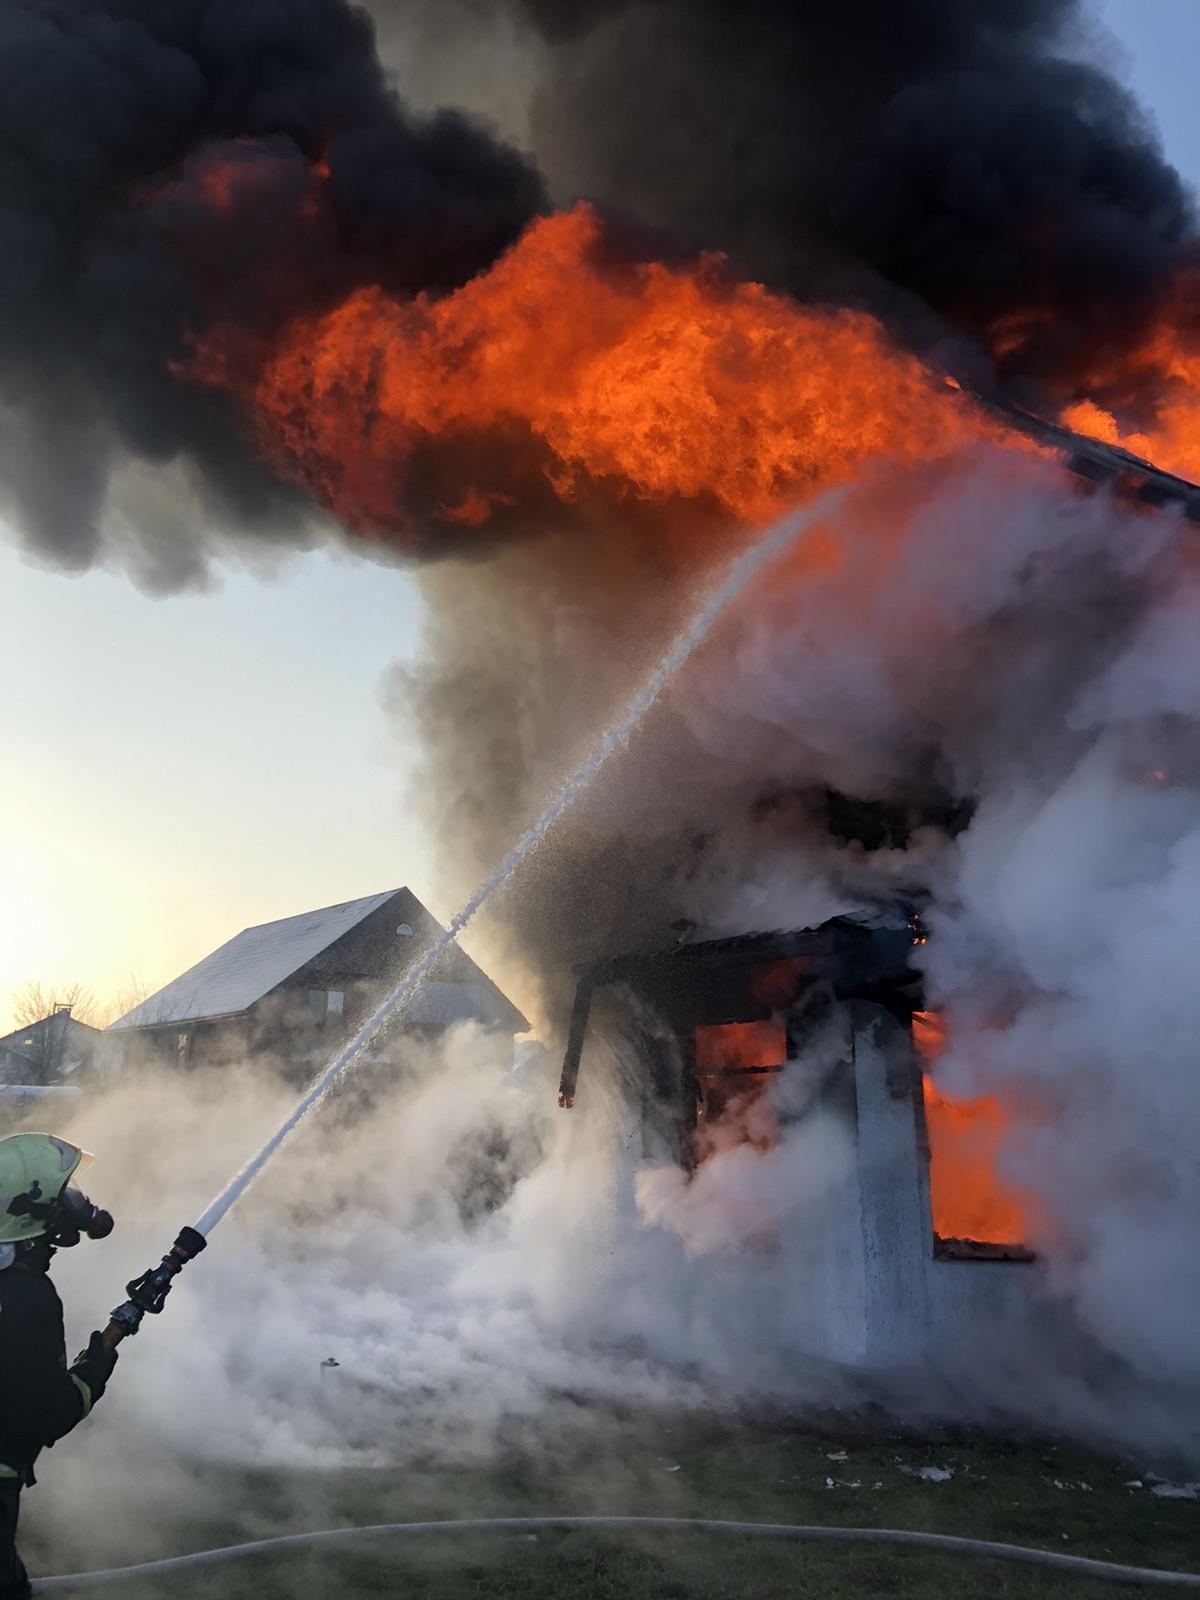 У Козині на Обухівщині вигорів приватний будинок - загорання житлового будинку, вогонь - media share 0 02 05 34bc7476981d90774bd32ea2e508876da447b5dbd52f1844ed7ad26e9c91524b c29cef78 43d3 4c32 b3c3 f4fa3487fbb9